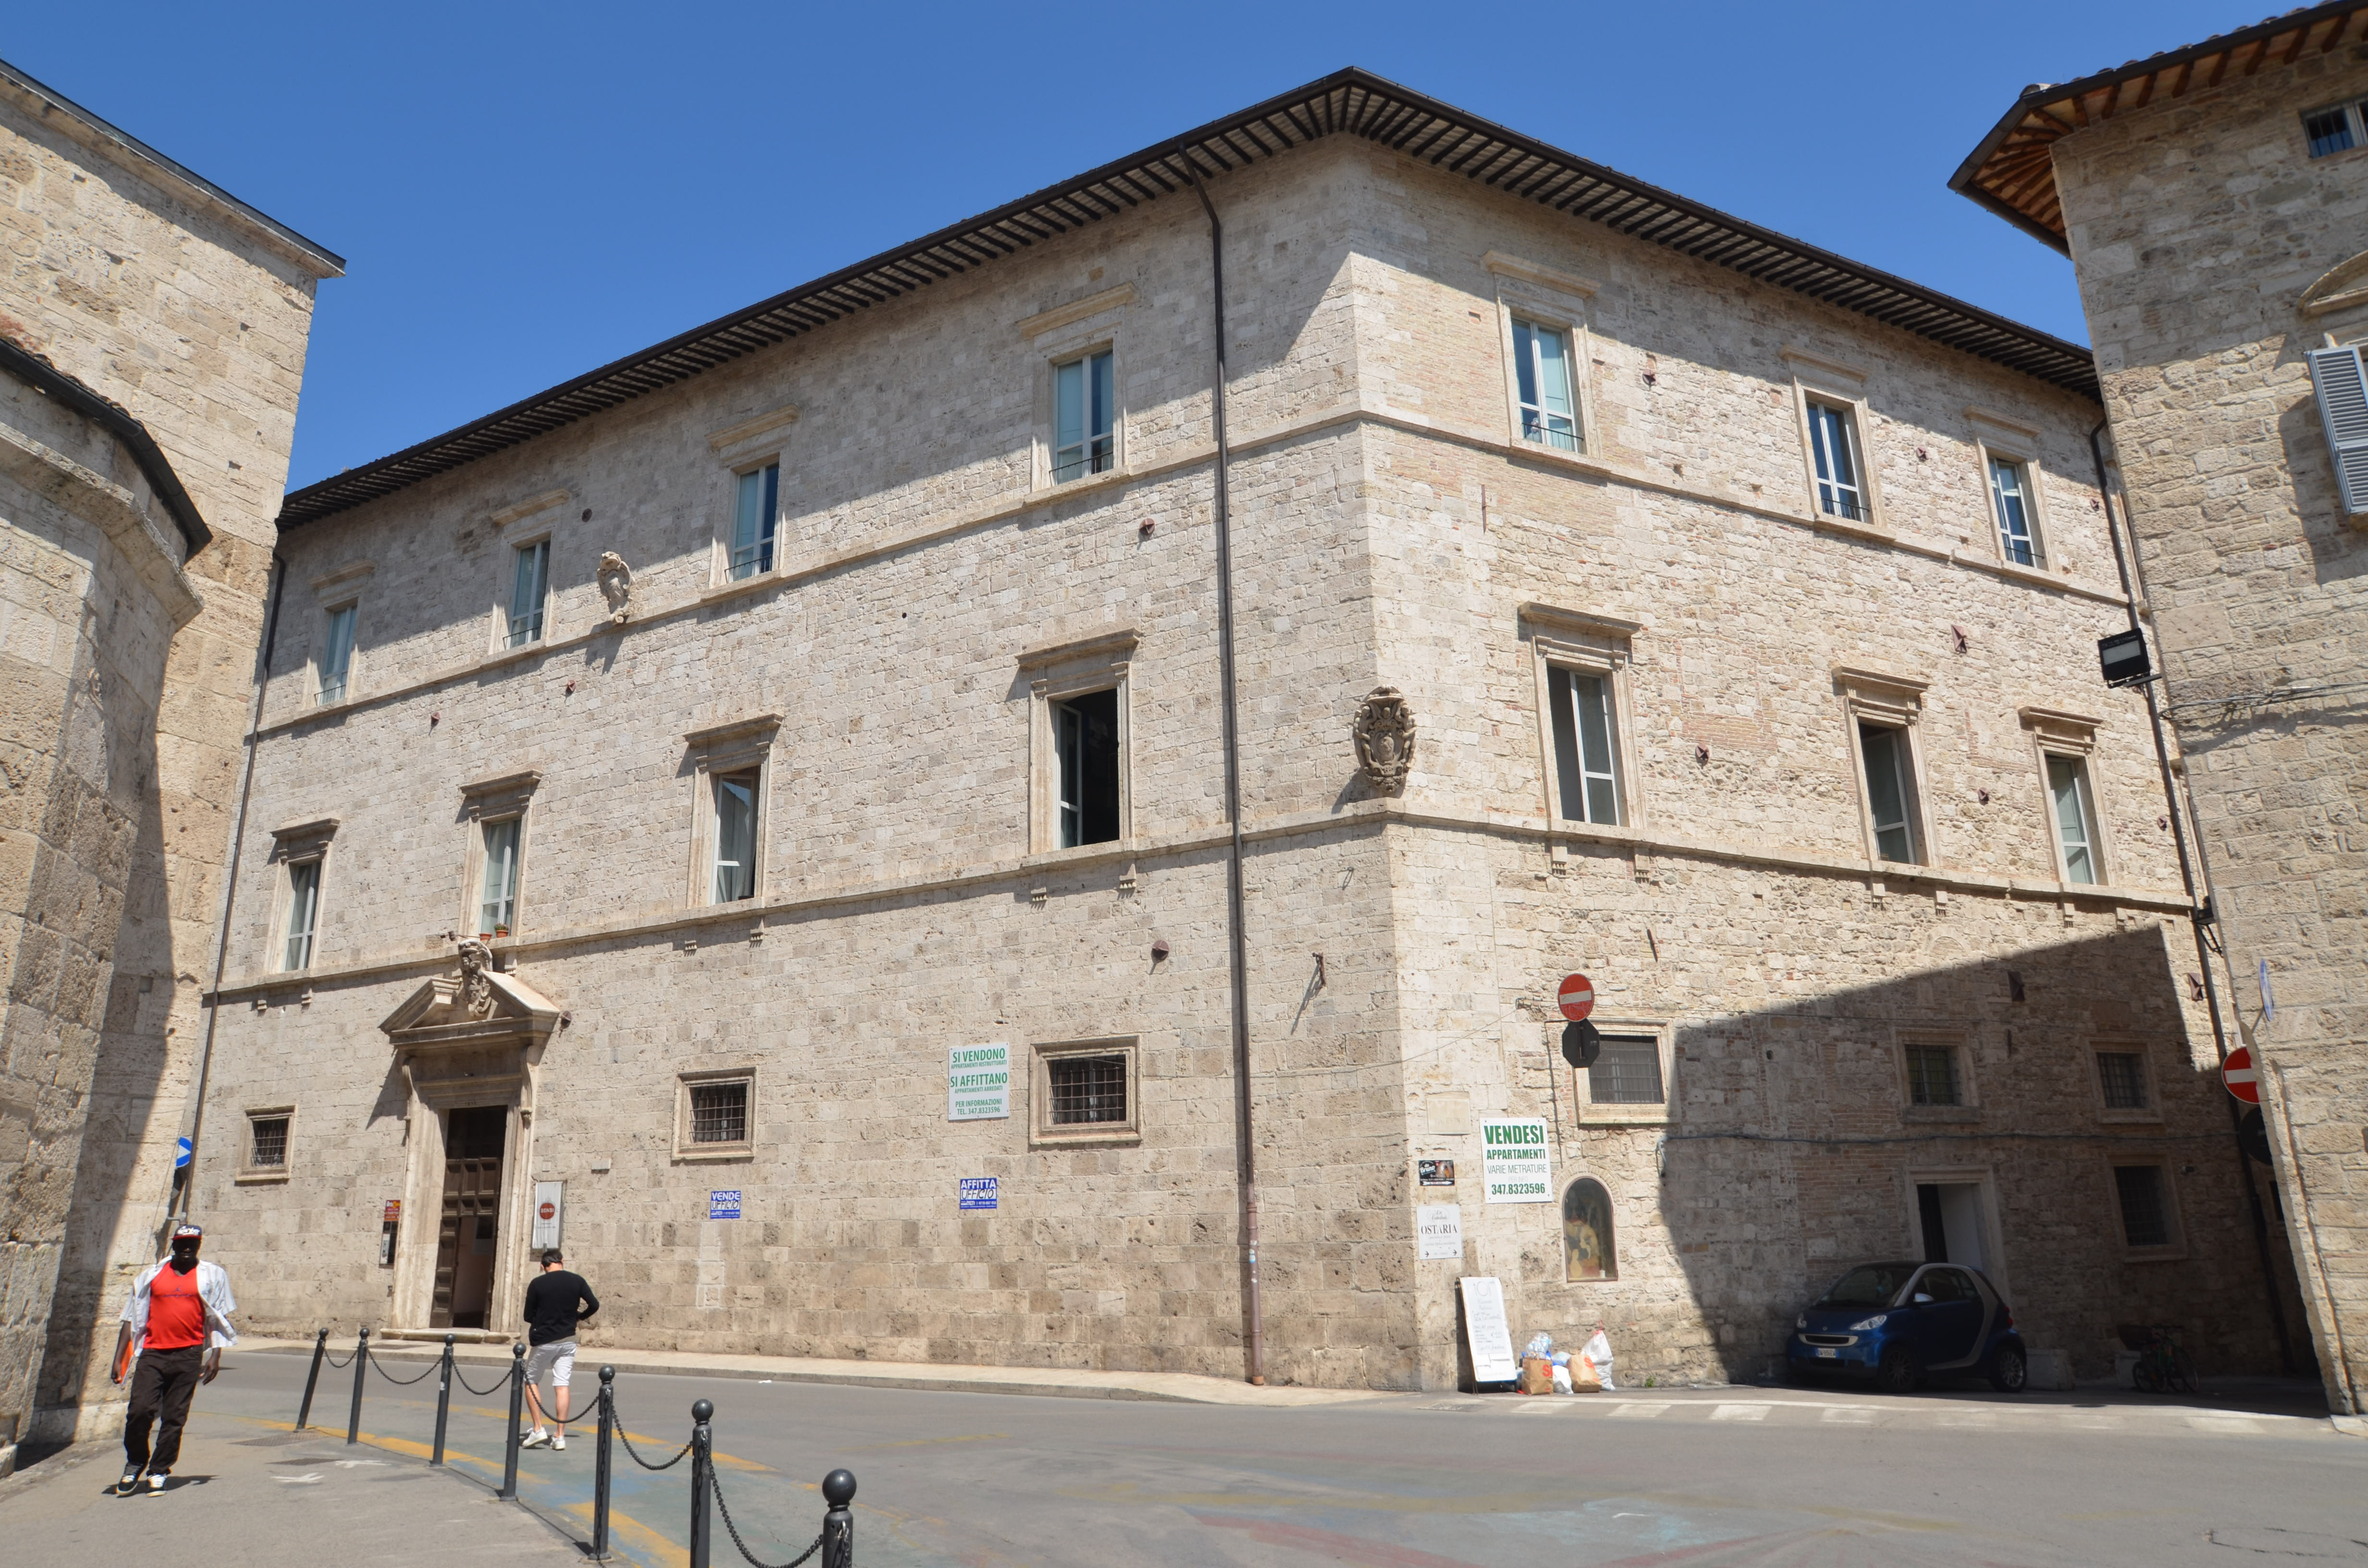 Ufficio / Studio in affitto a Ascoli Piceno, 9999 locali, zona Località: Centralissima(anticoIncasatoMedievale, prezzo € 600 | CambioCasa.it